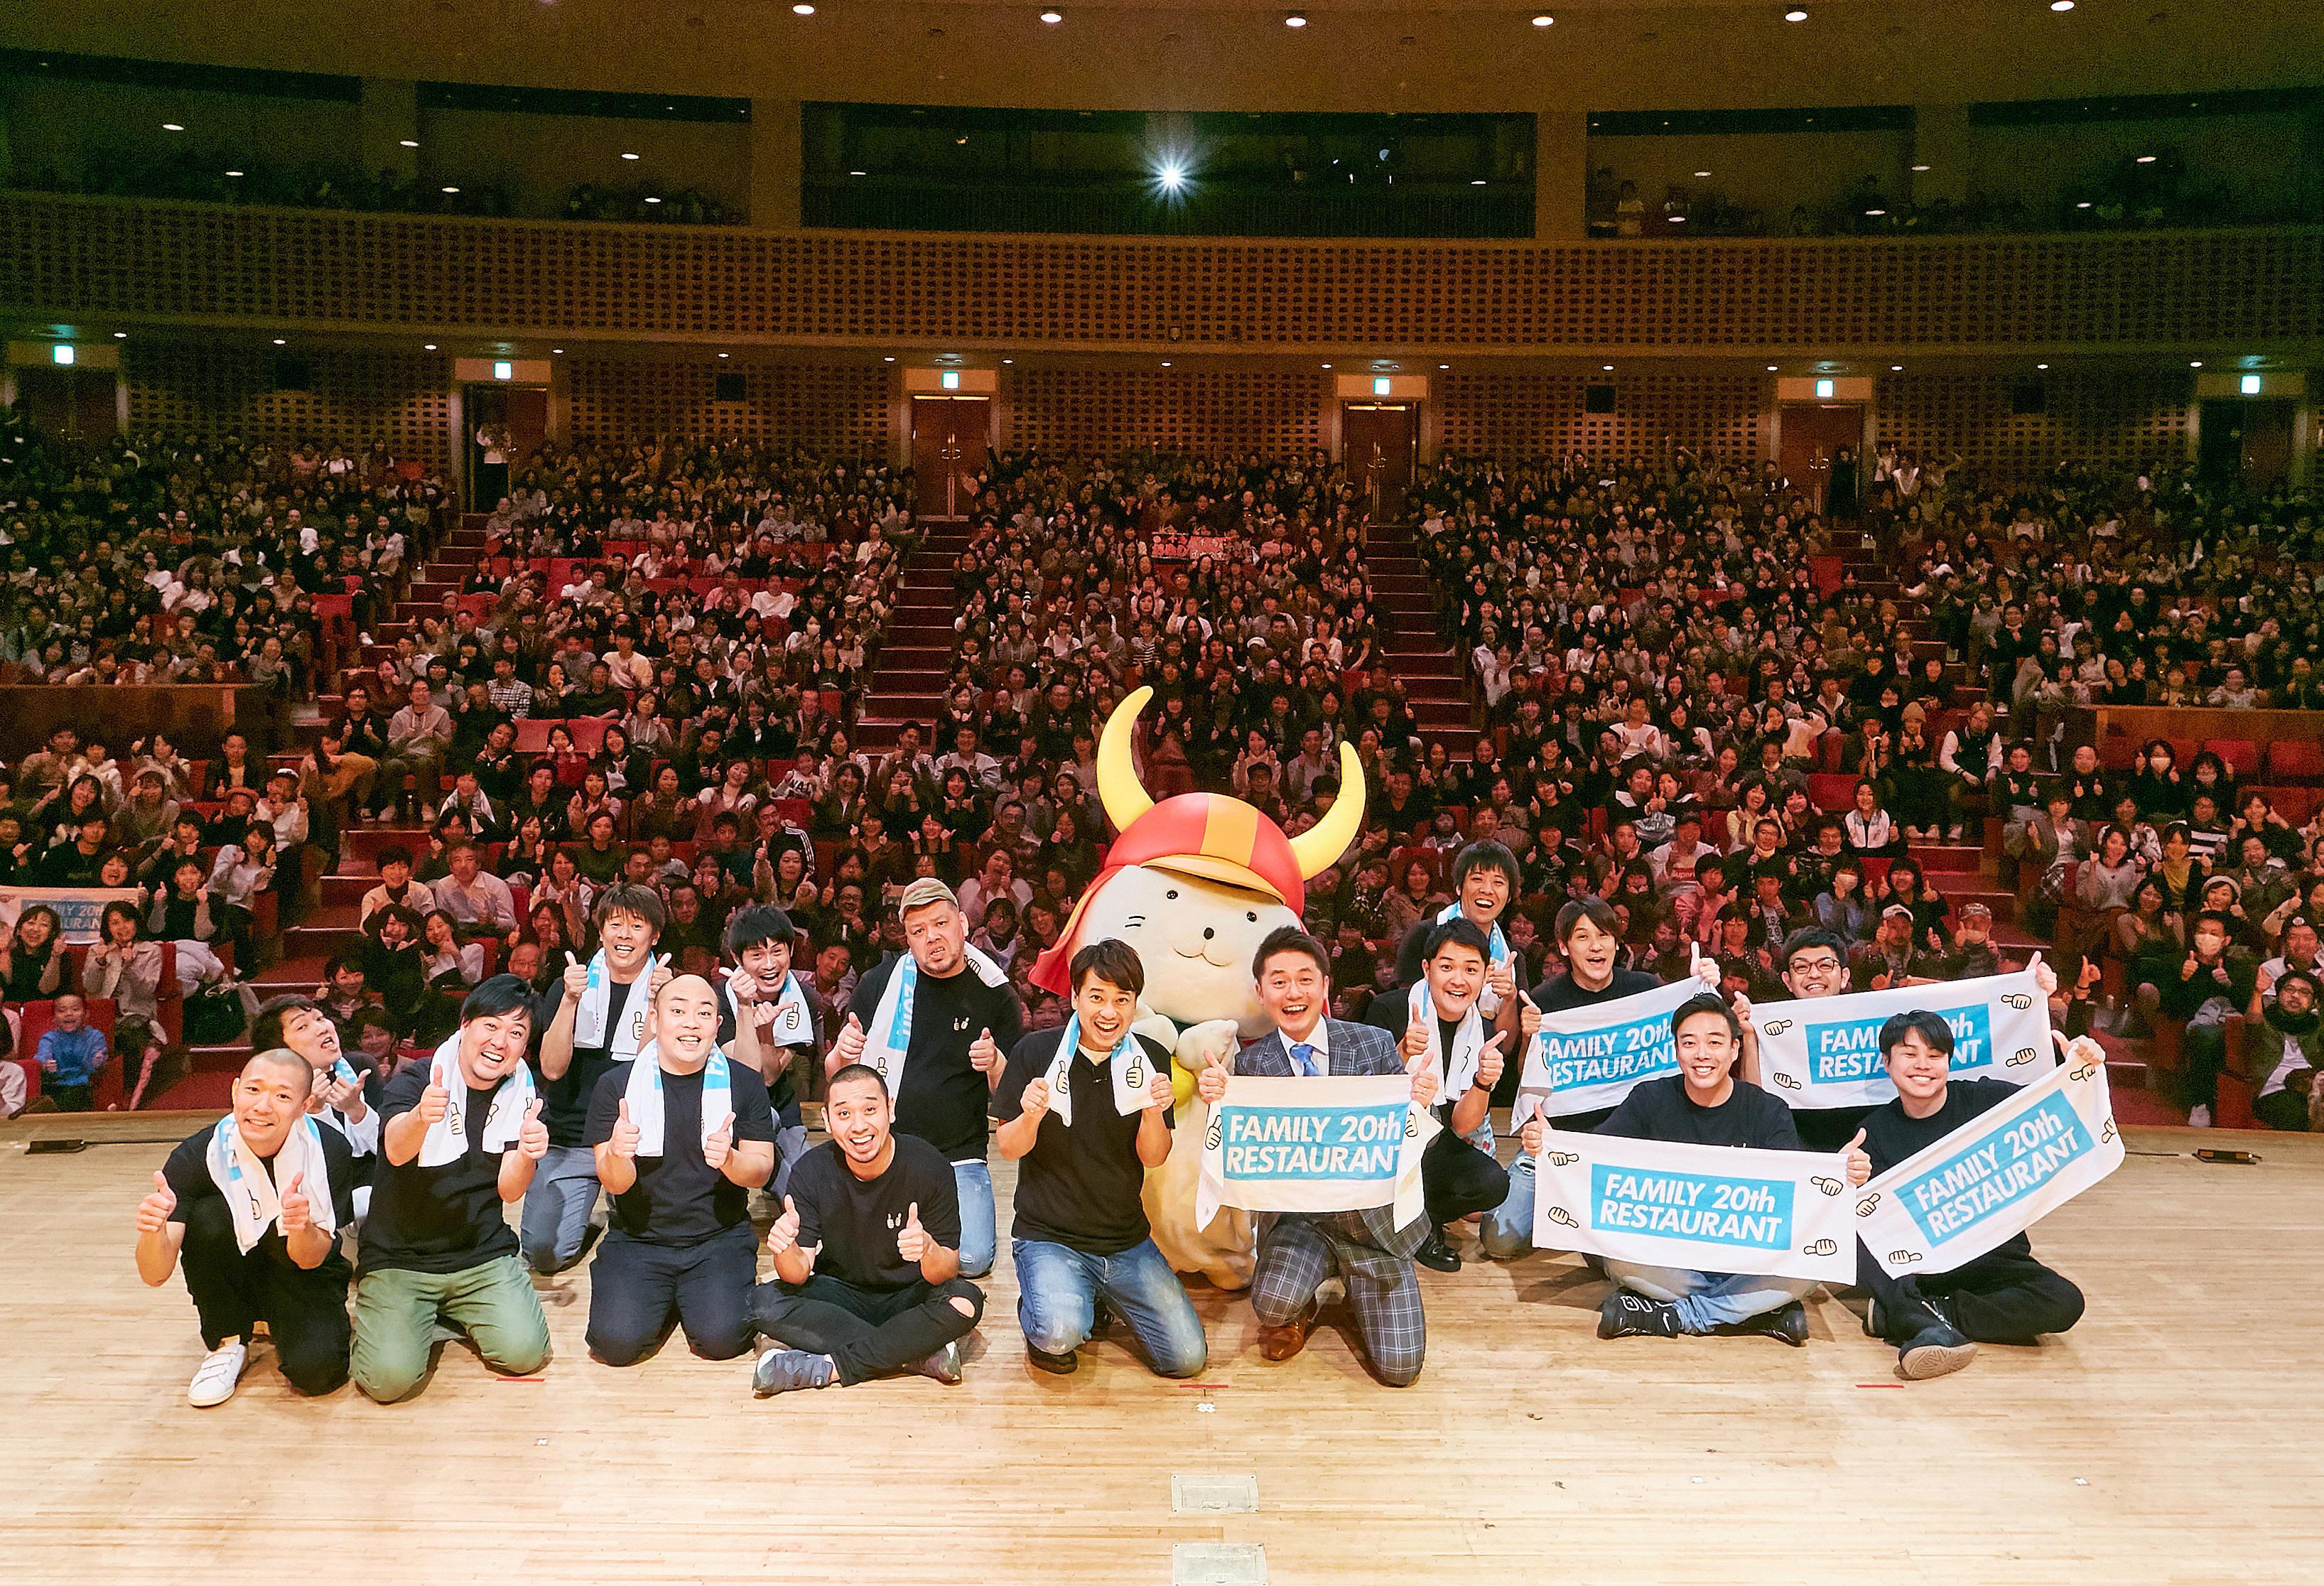 http://news.yoshimoto.co.jp/20171113162320-7af841b4815517a1f1fbf9e88a1c3778b451f169.jpg